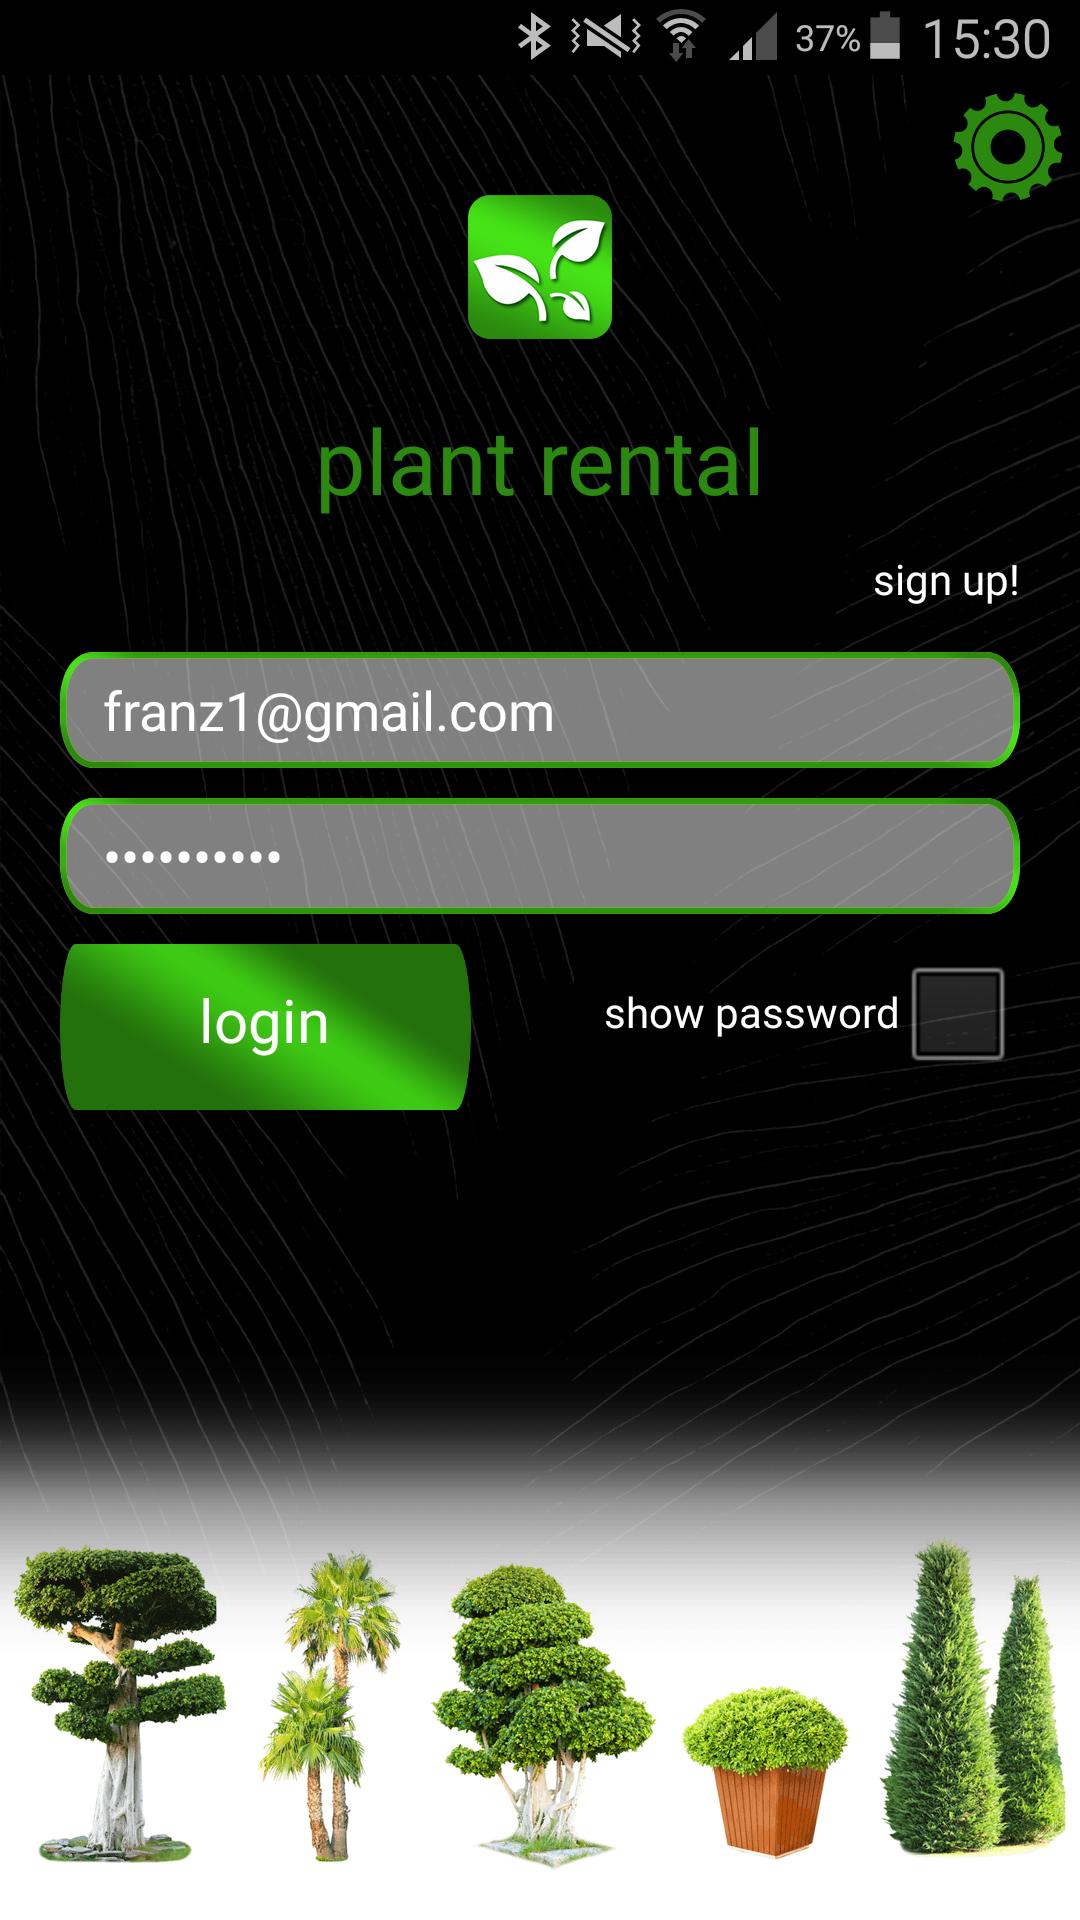 ginstr_app_plantRental_EN_1